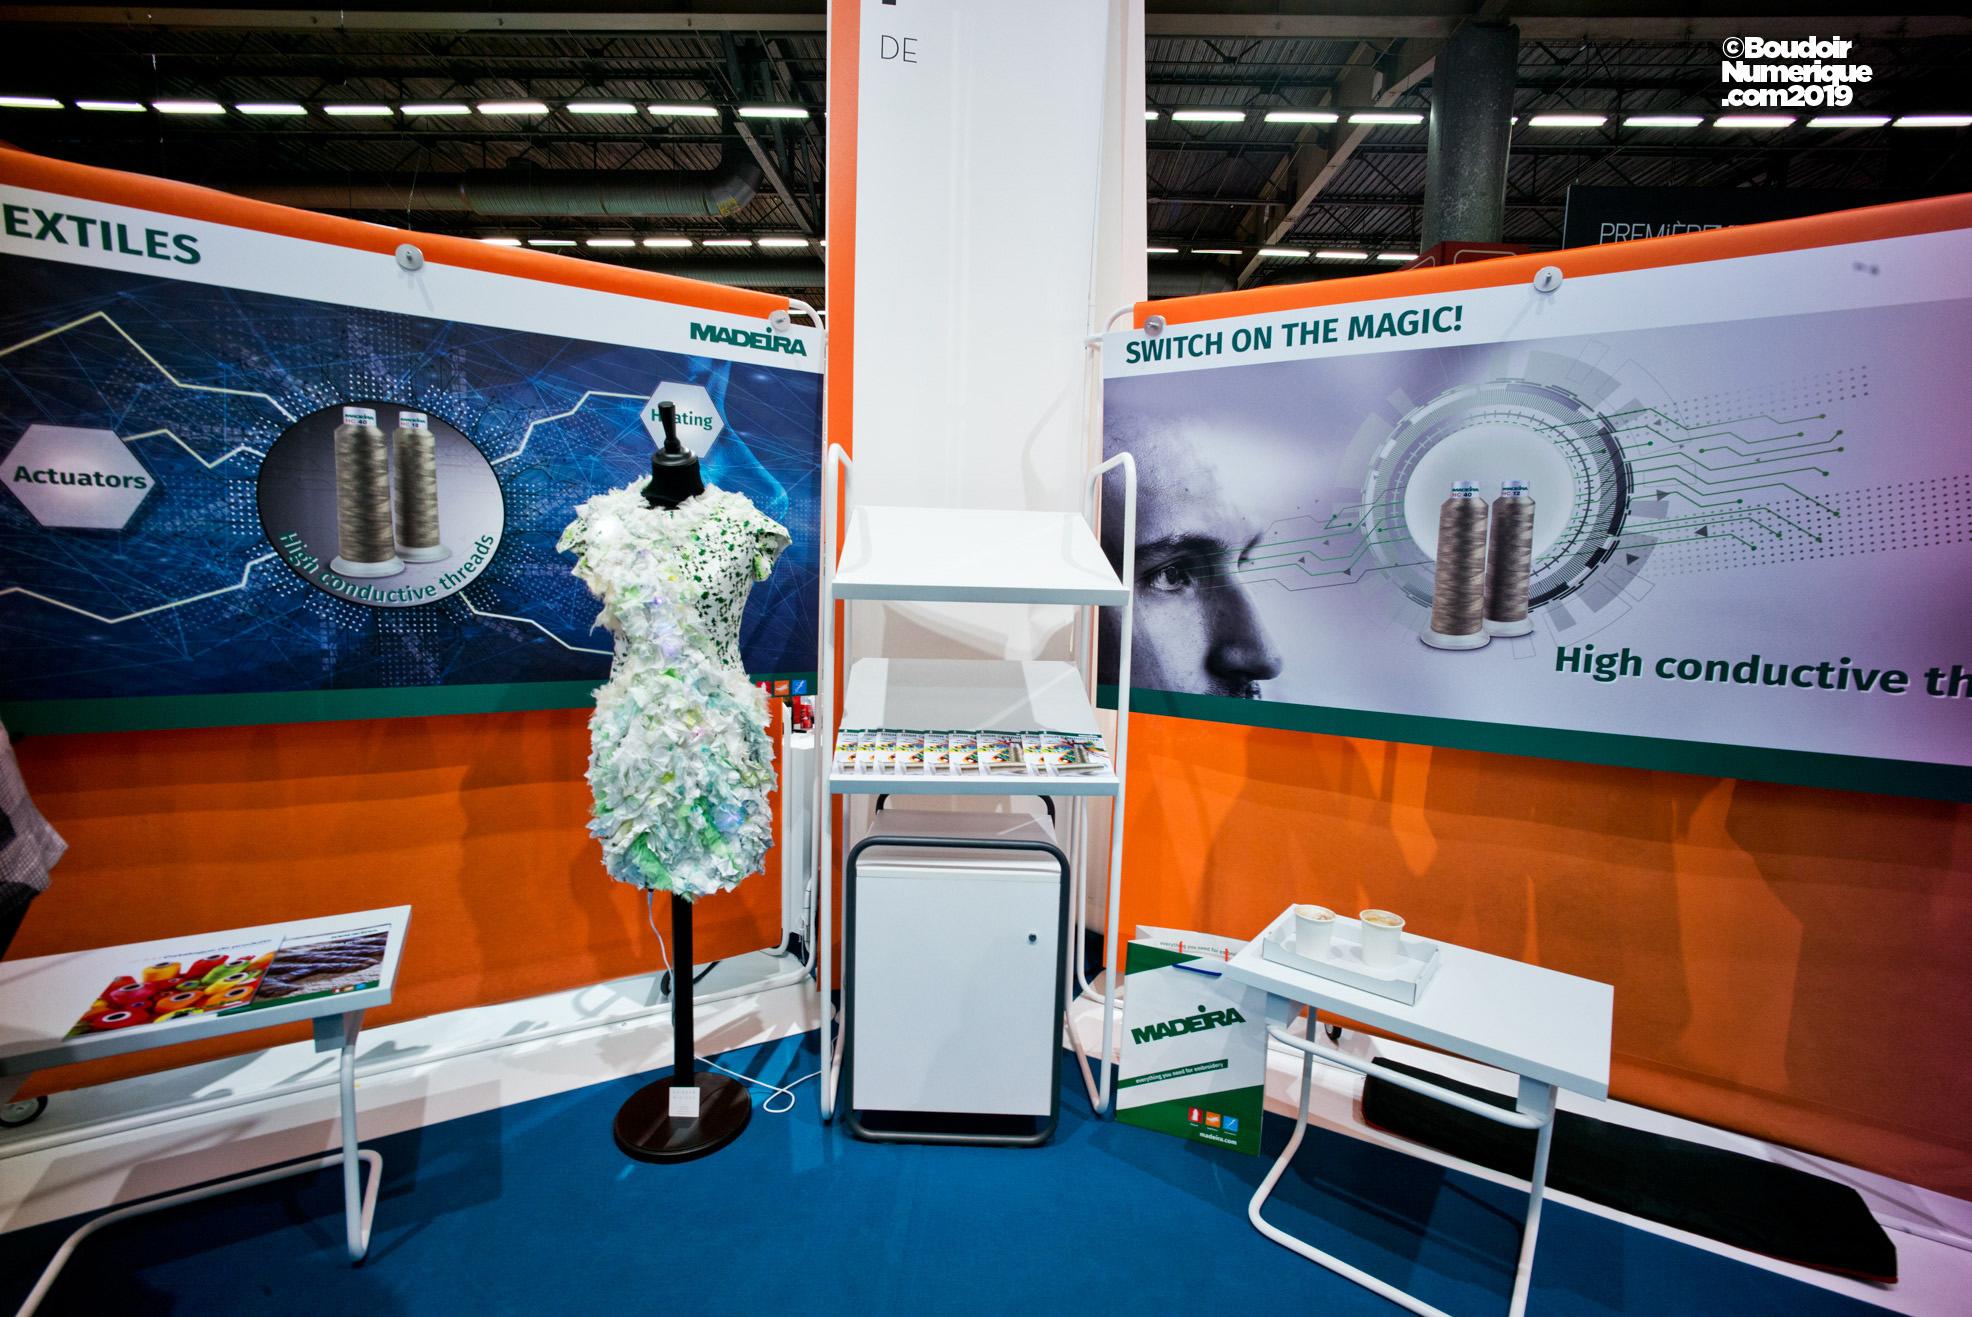 La société allemande Madeira GarnFabric propose des fils conducteurs d'électricité pour e-textile.